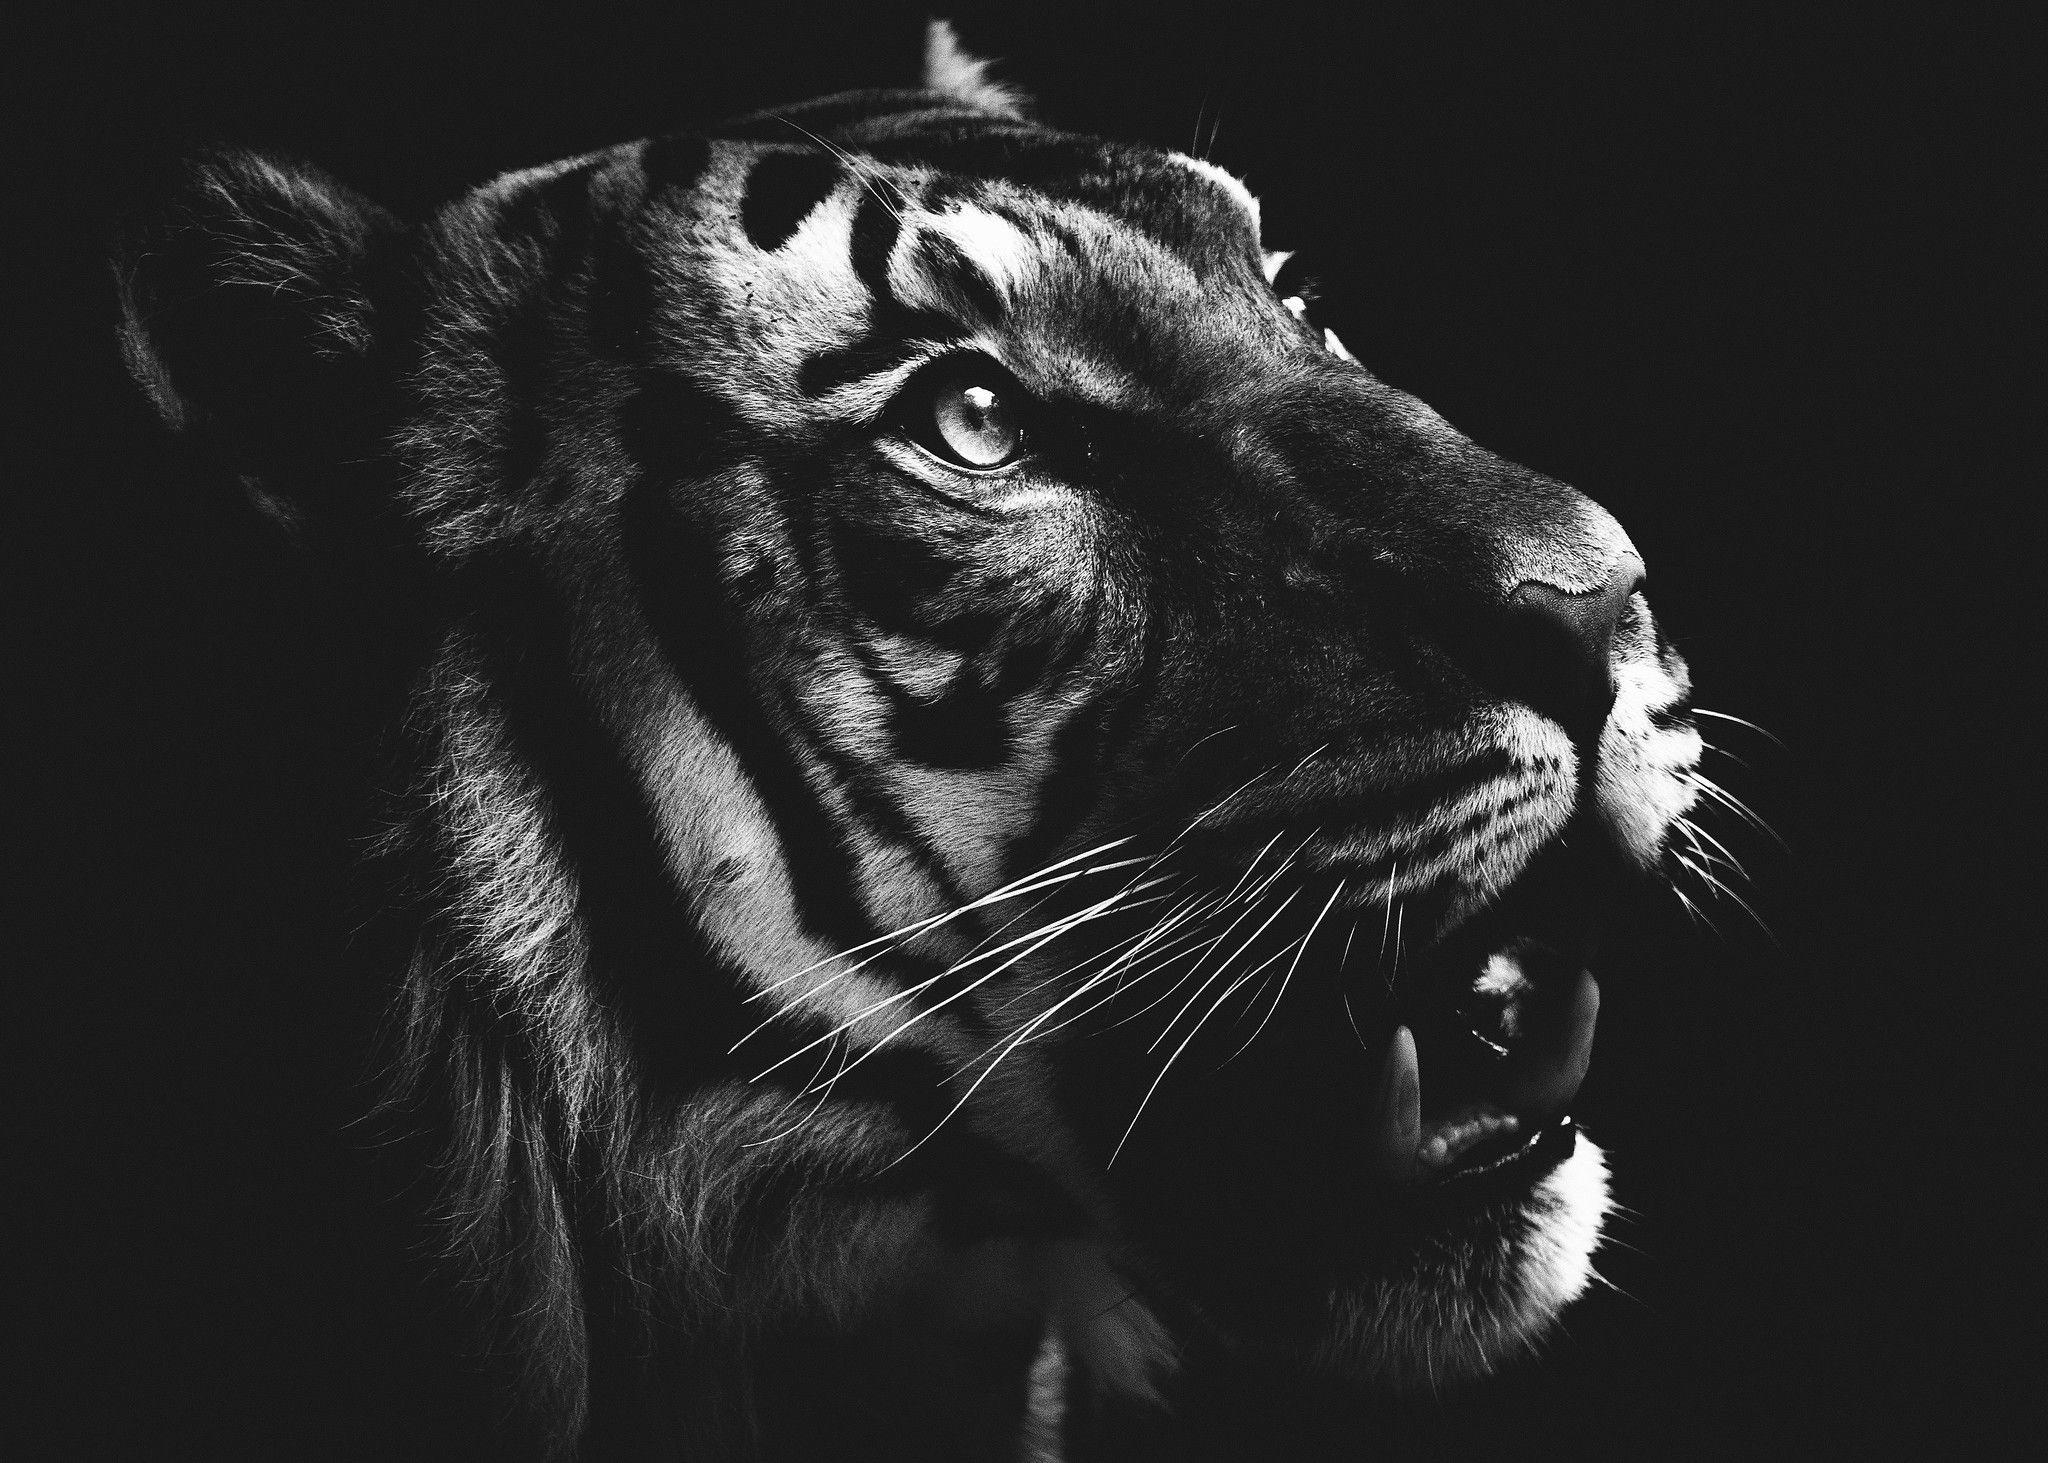 Faraway Look Be bold, Animals